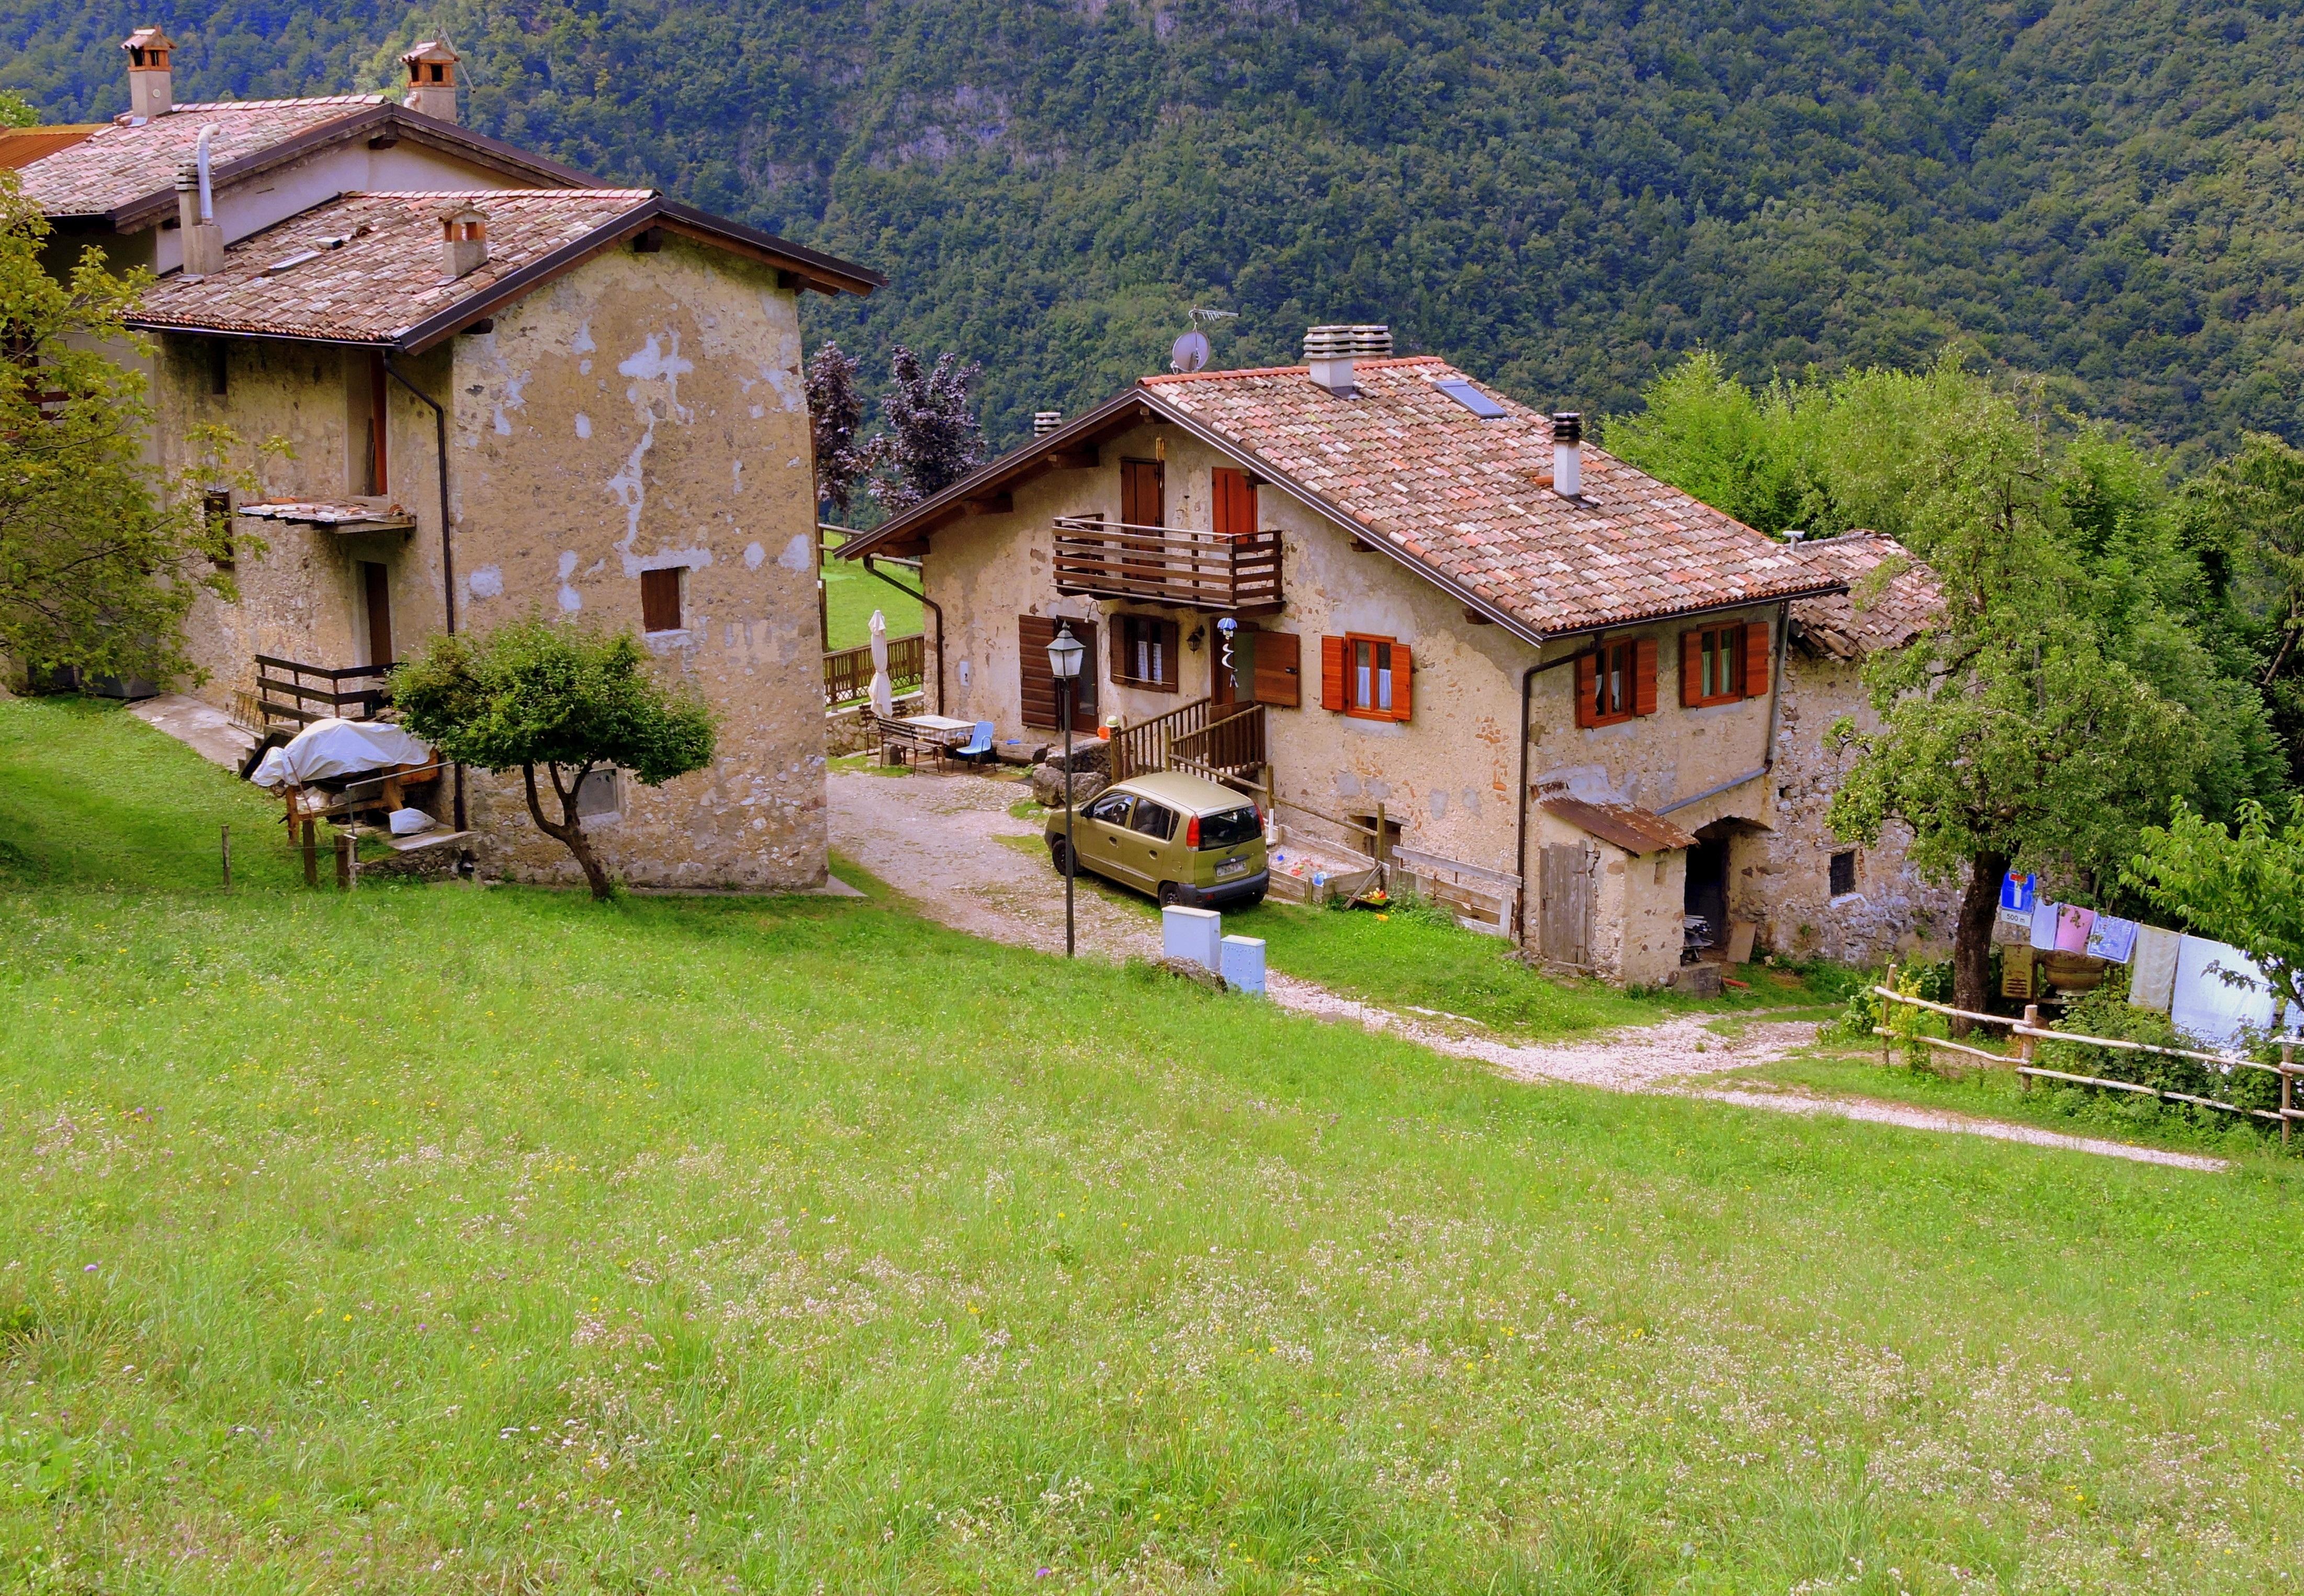 Fotos gratis naturaleza granja edificio choza pueblo - Casa rural con granja ...